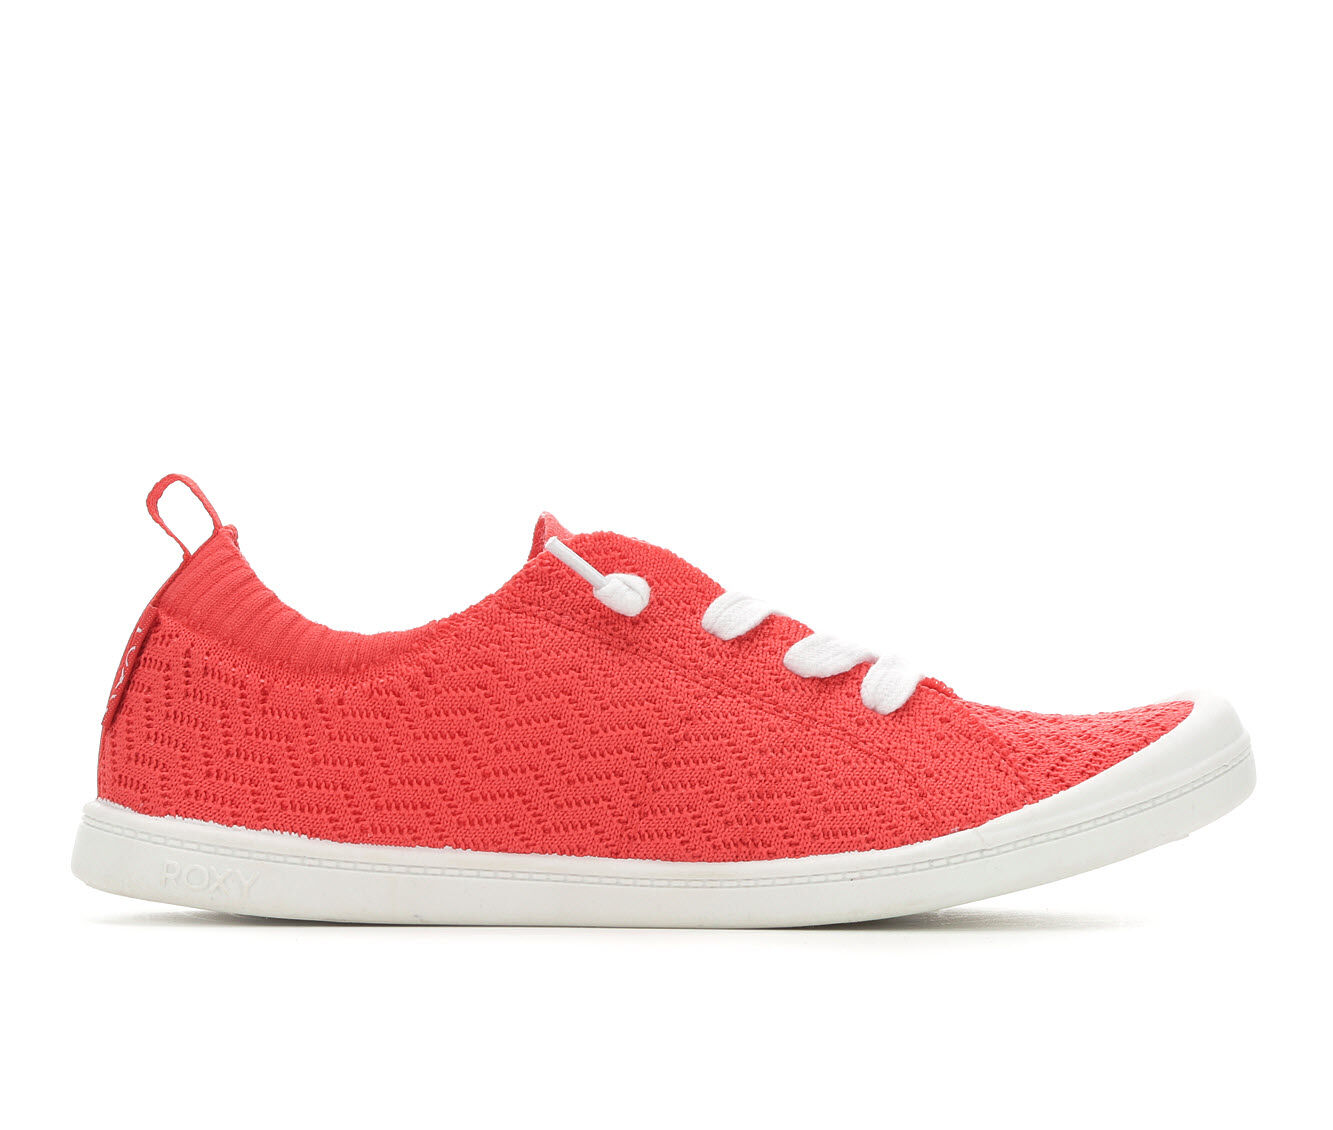 Women's Roxy Bayshore Sneakers Red Knit